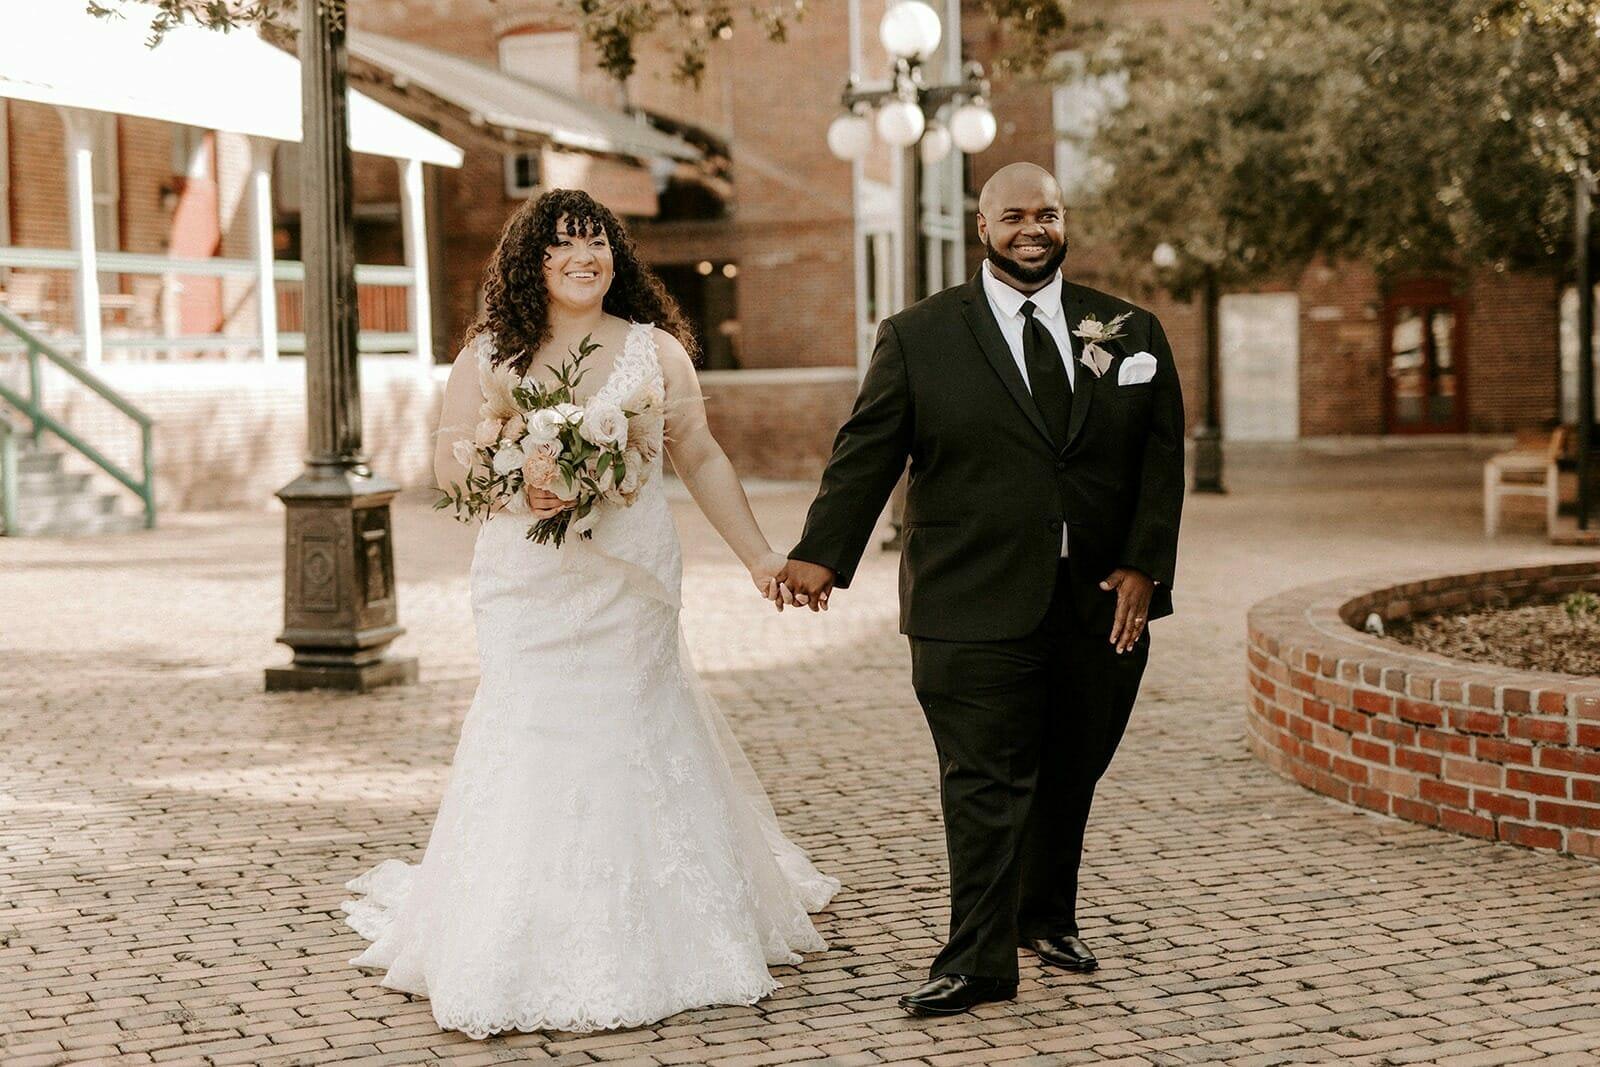 Samantha + Julian's wedding